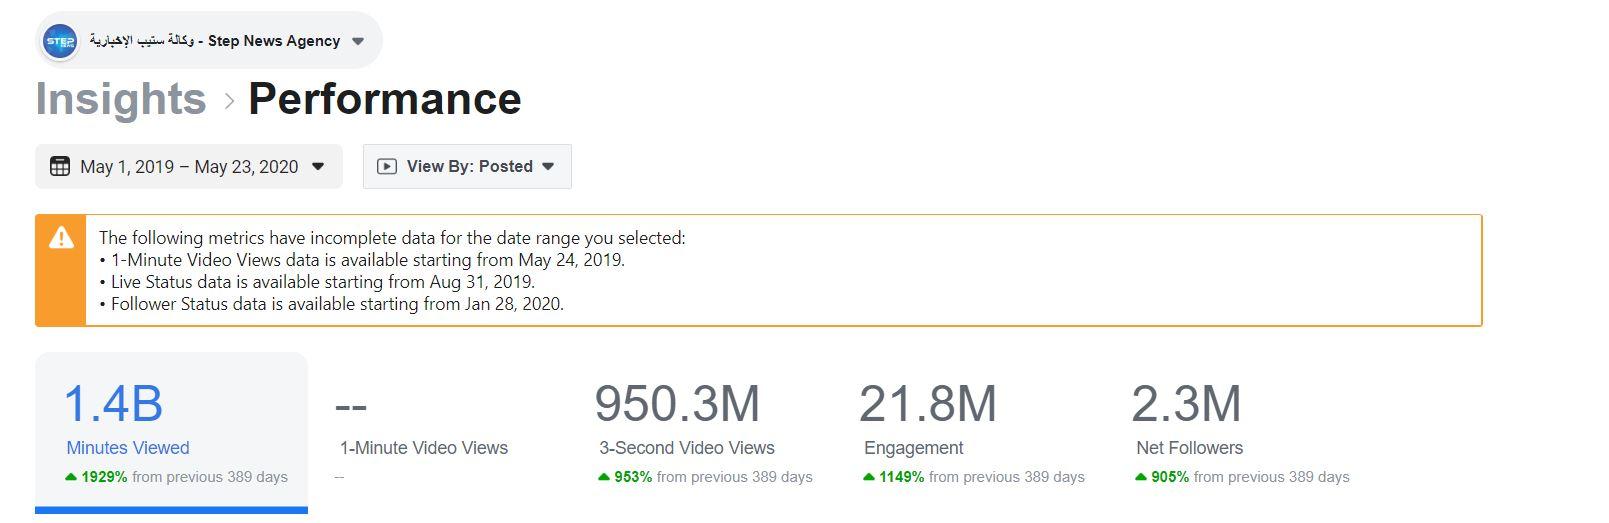 احصائية مشاهدات وكالة ستيب الإخبارية على صفحة الفيس بوك في أخر سنة